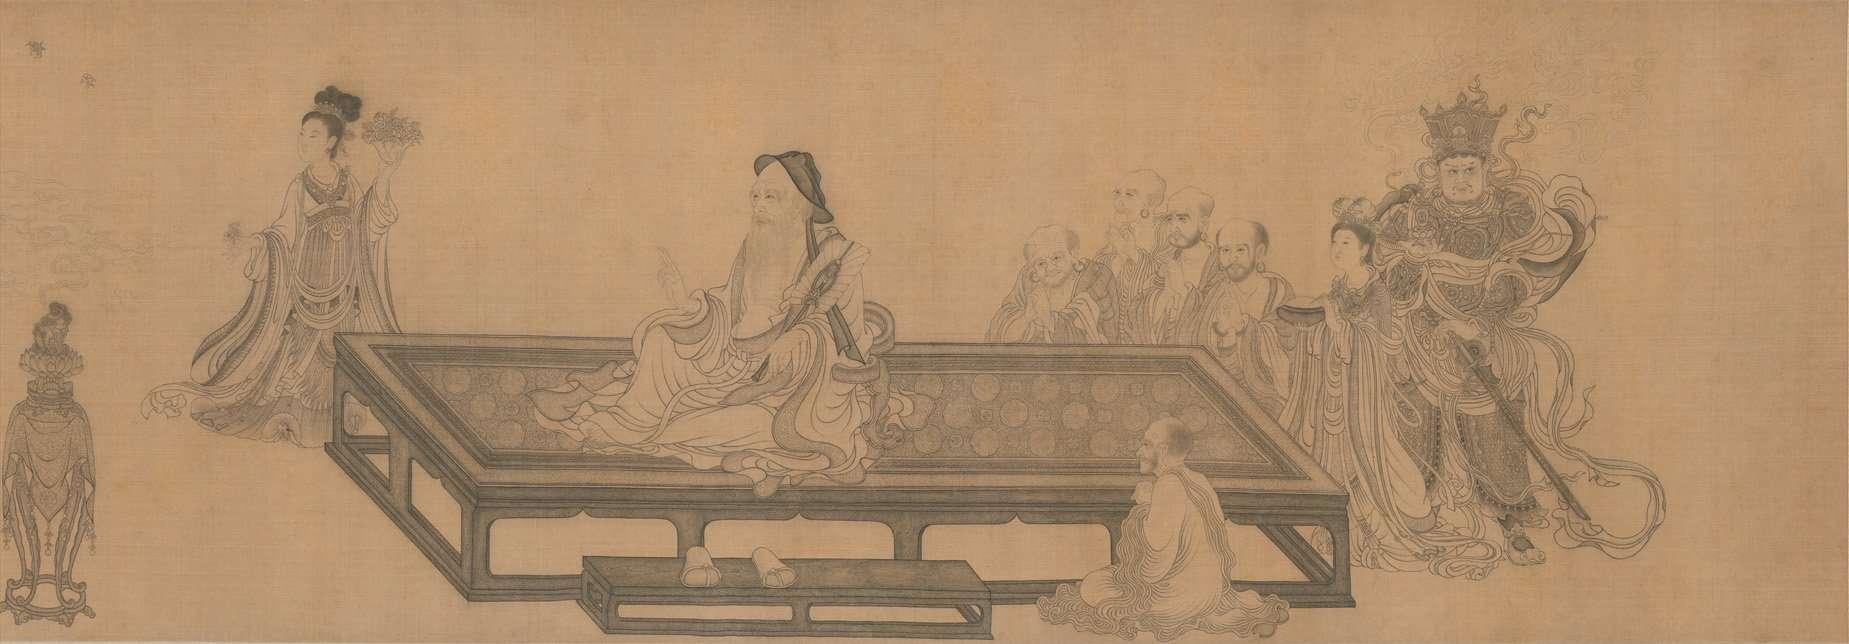 Meditar y la ley según Vimalakīrti